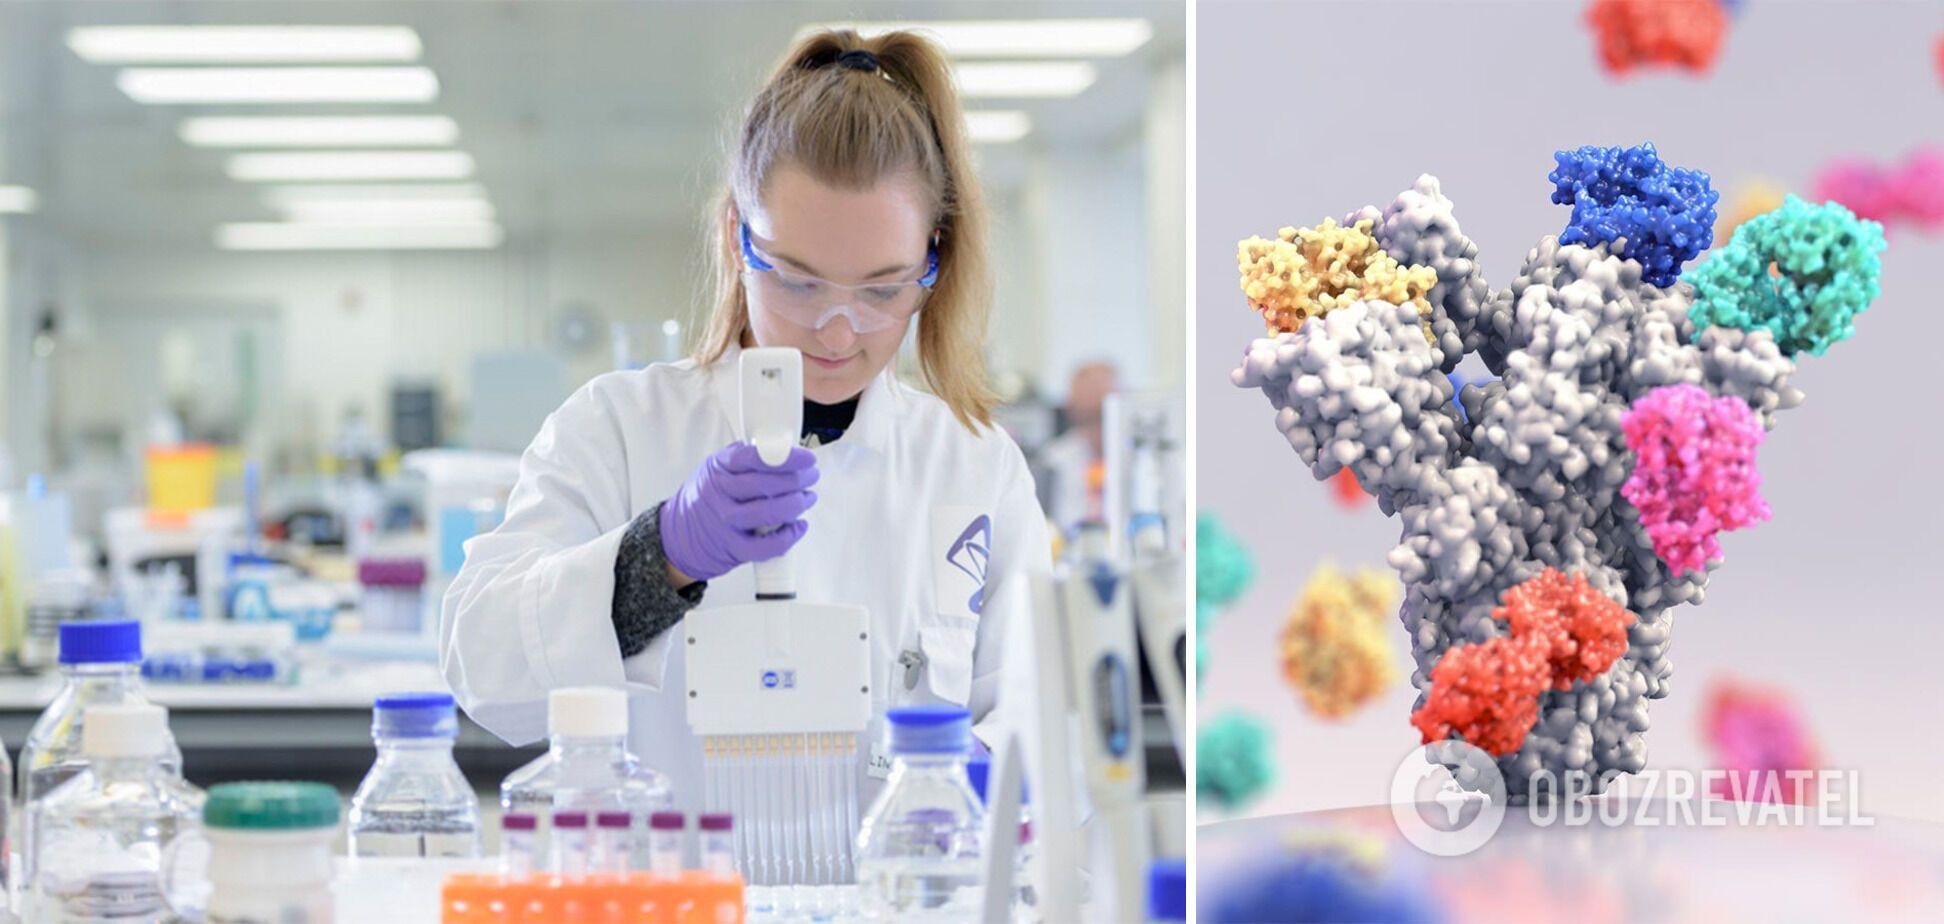 """Ученые говорят, что """"коктейль антител"""" подойдет тем, кто не может пройти вакцинацию против COVID-19"""